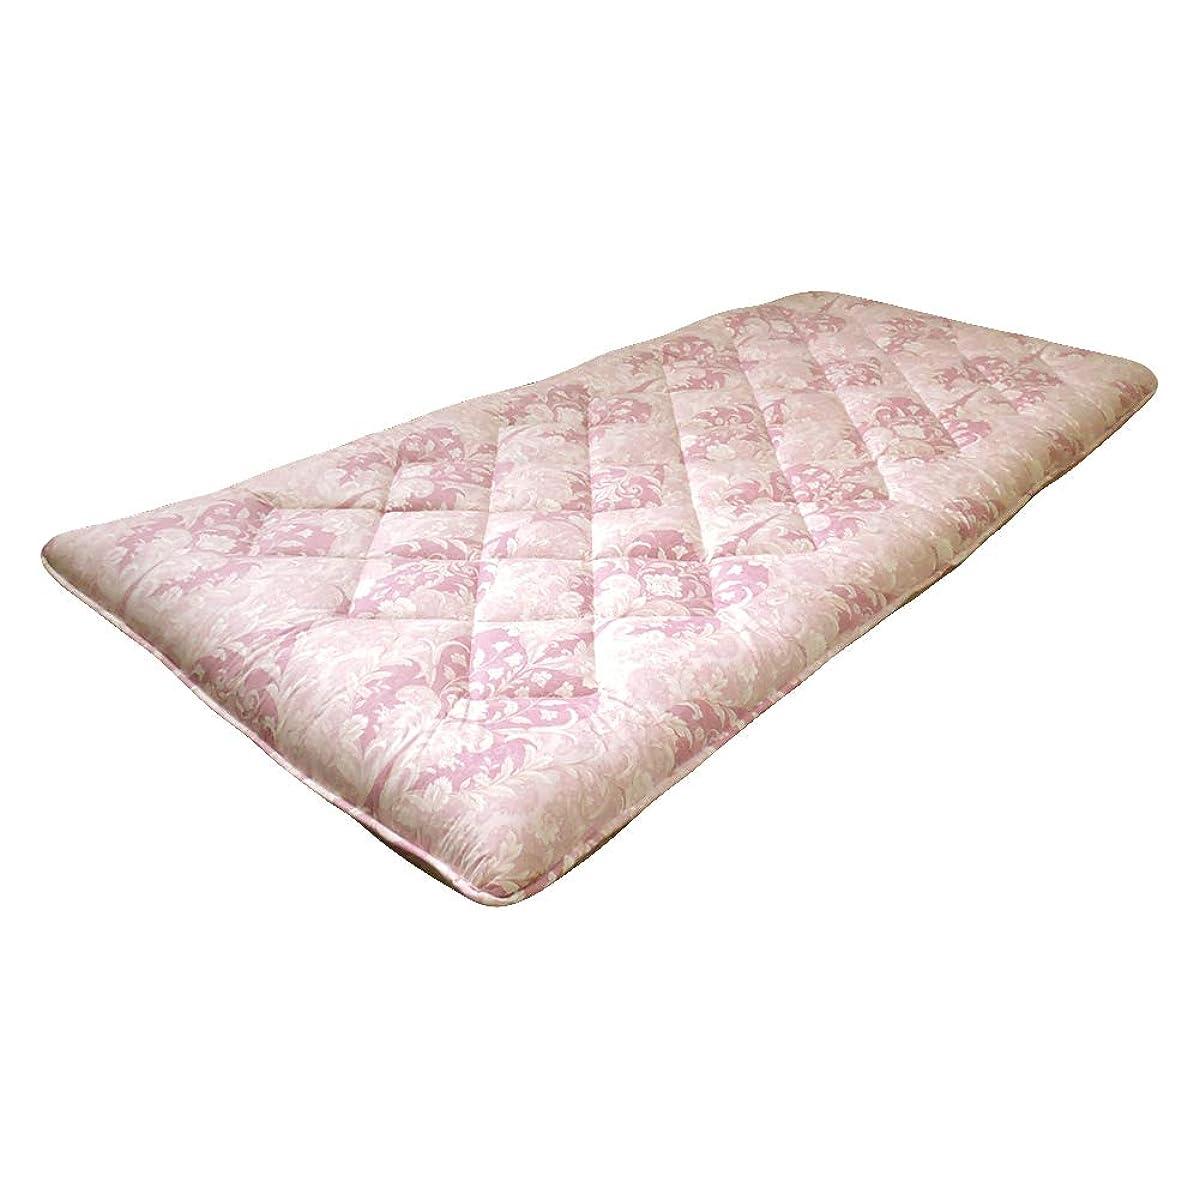 普通に逮捕地殻眠り姫 フランス 羊毛 三層 敷き布団 シングル ダマスク ピンク 防ダニ かさ高 日本製